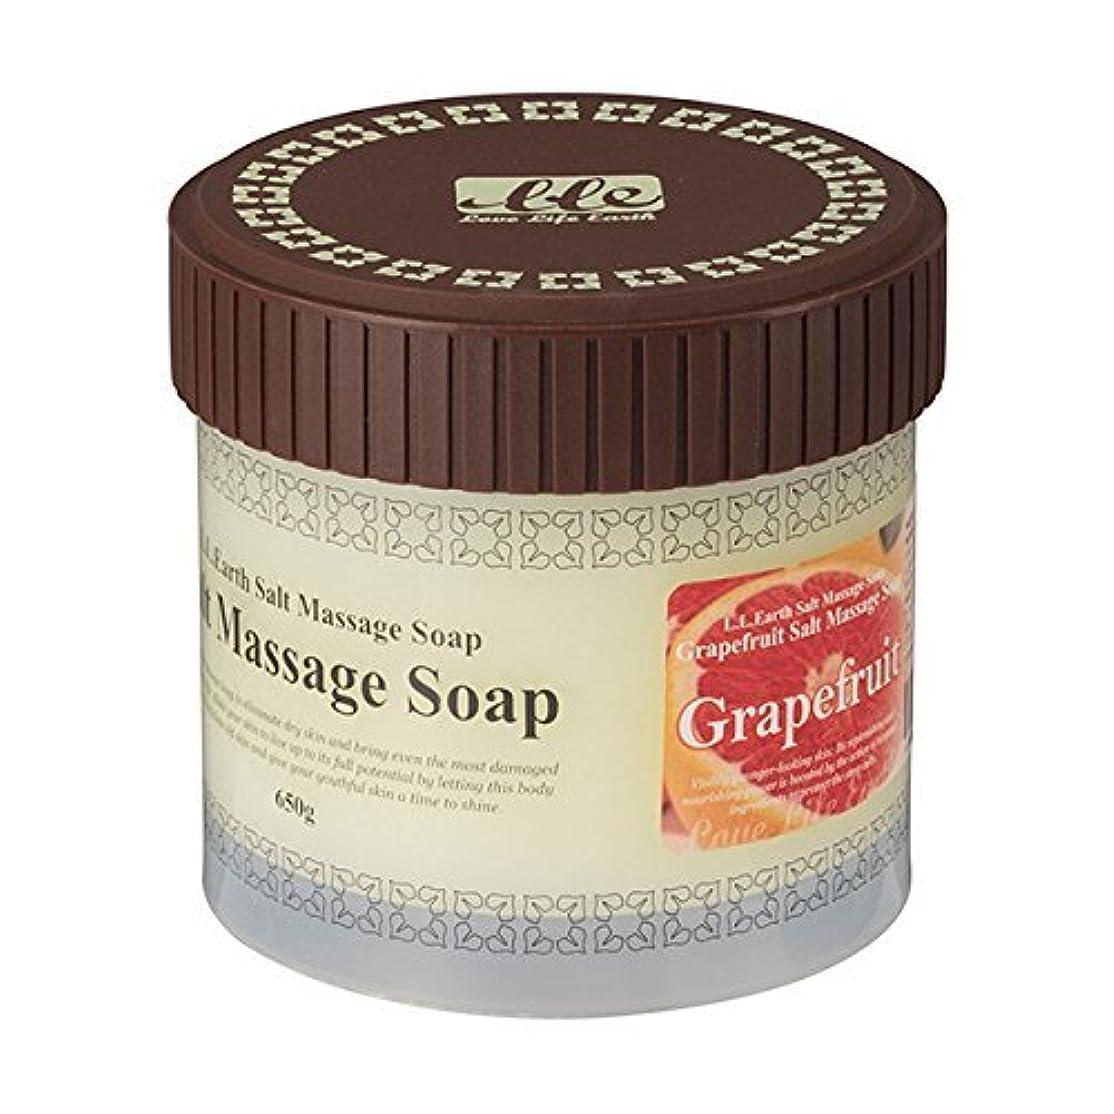 衛星レシピ再発するLLE 業務用 ソルトマッサージソープ 650g [選べる香り5種類] ( ボディ用 スクラブ ) グレープフルーツ